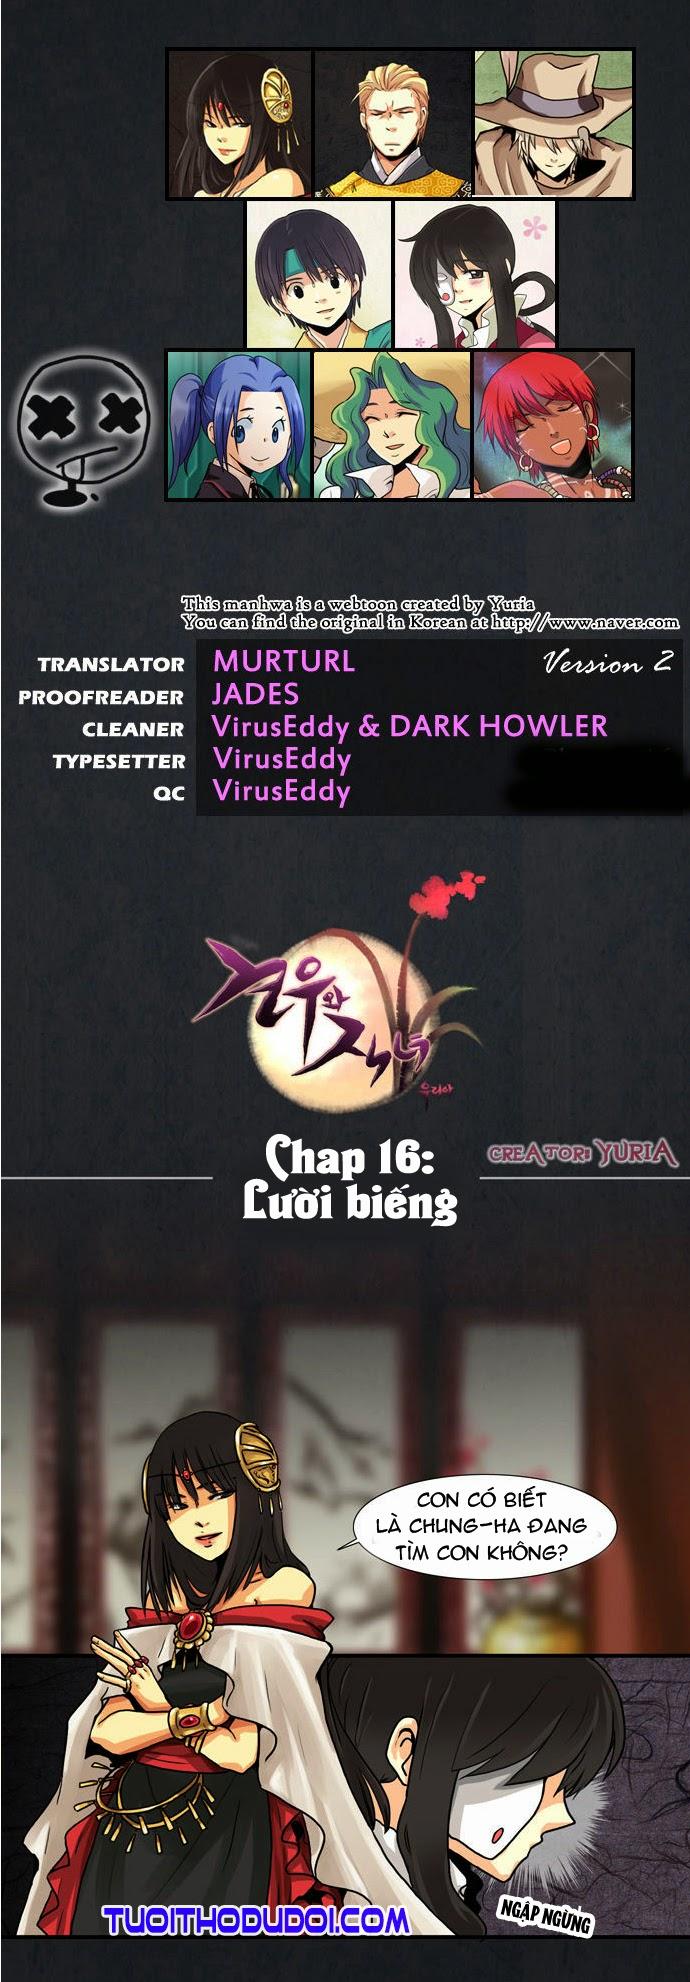 a3manga.com nguu lang chuc nu chap 16